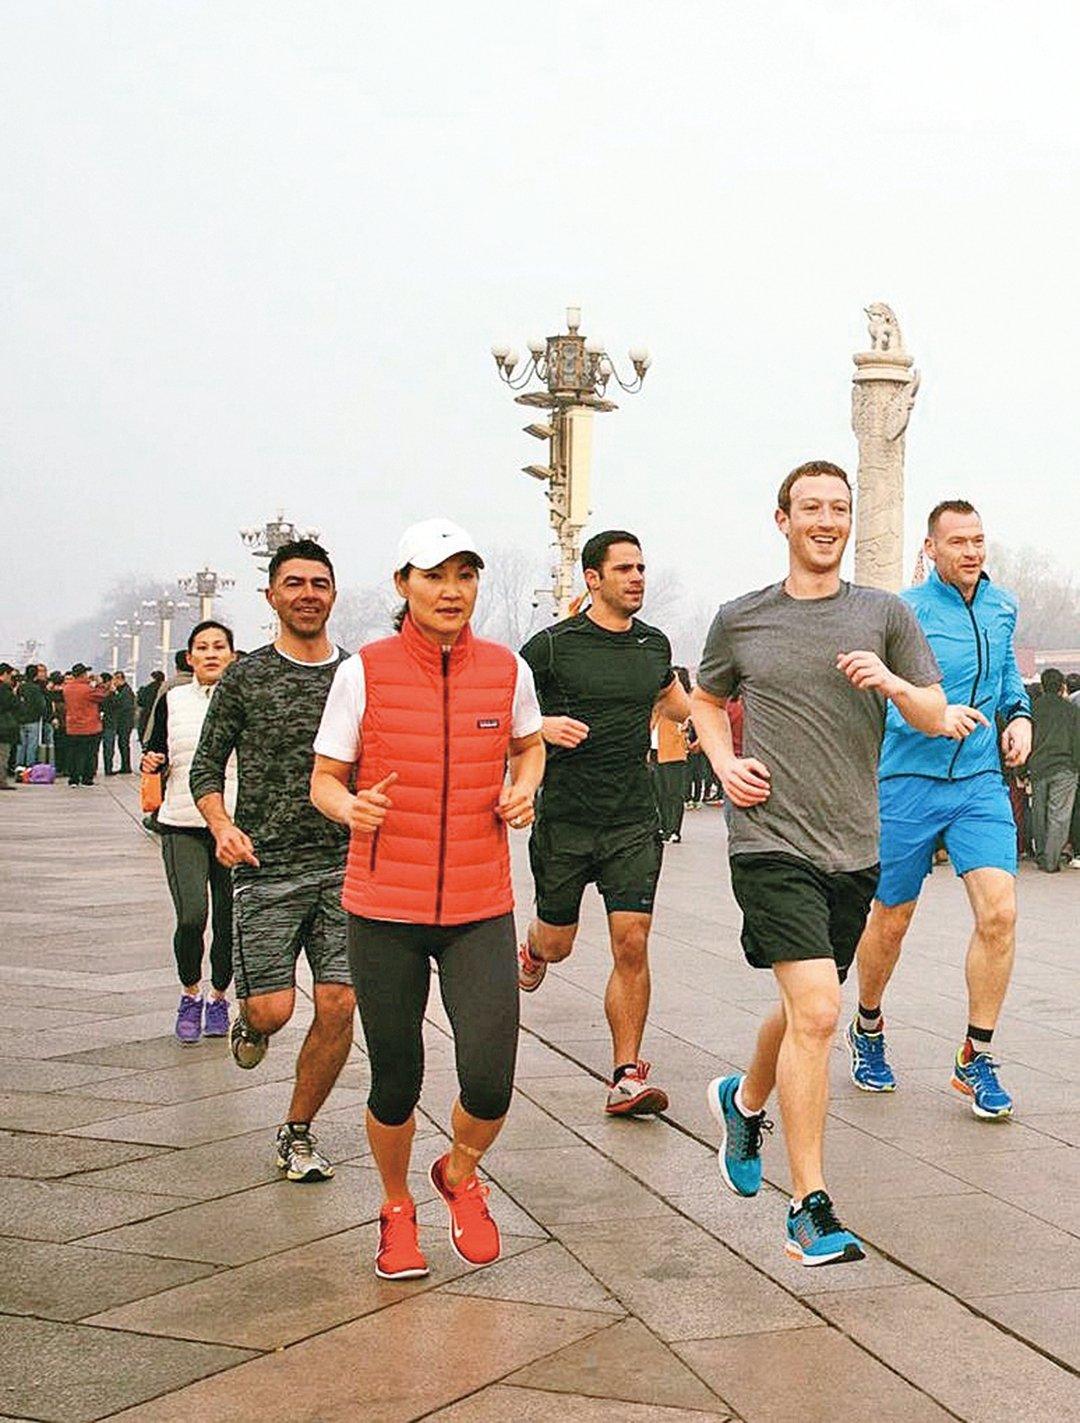 臉書創始人朱克伯格(右二,Mark Elliot Zuckerberg)曾嘗試過多種方式來進入大陸市場。包括展示其在陰霾瀰漫的天安門廣場慢跑照片。(朱克伯格臉書)